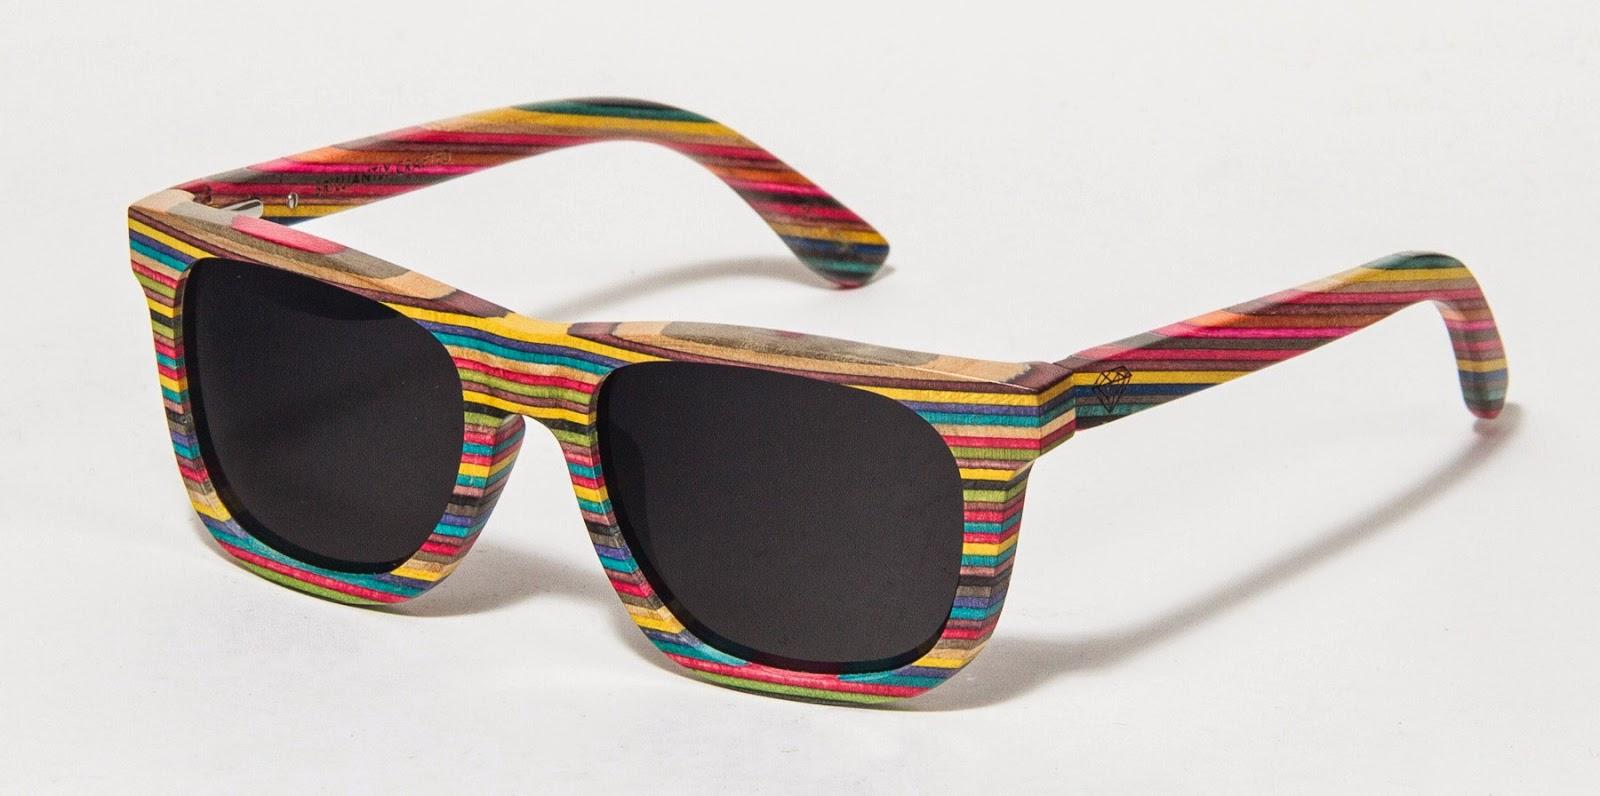 026835b37e Recycled Fashion  5 Sustainably Stylish Sunglasses